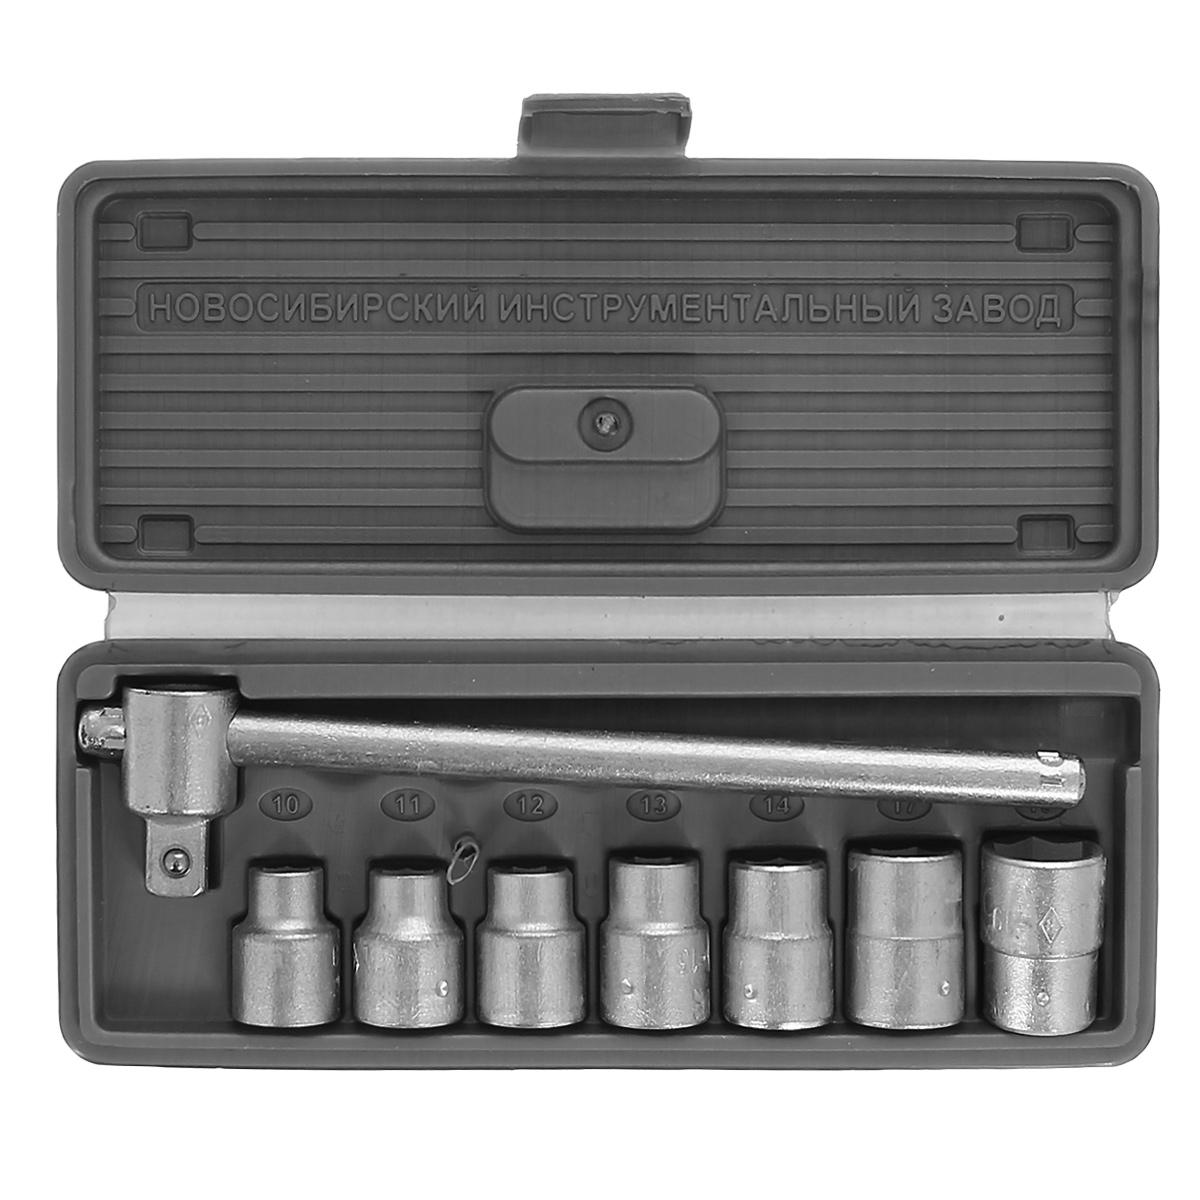 Набор шоферского инструмента № 1 НИЗ, 8 предметов13440В набор входит 7 сменных головок 1/2 (10, 11, 12, 13, 14, 17, 19) и ключ с присоединительным квадратом 1/2.